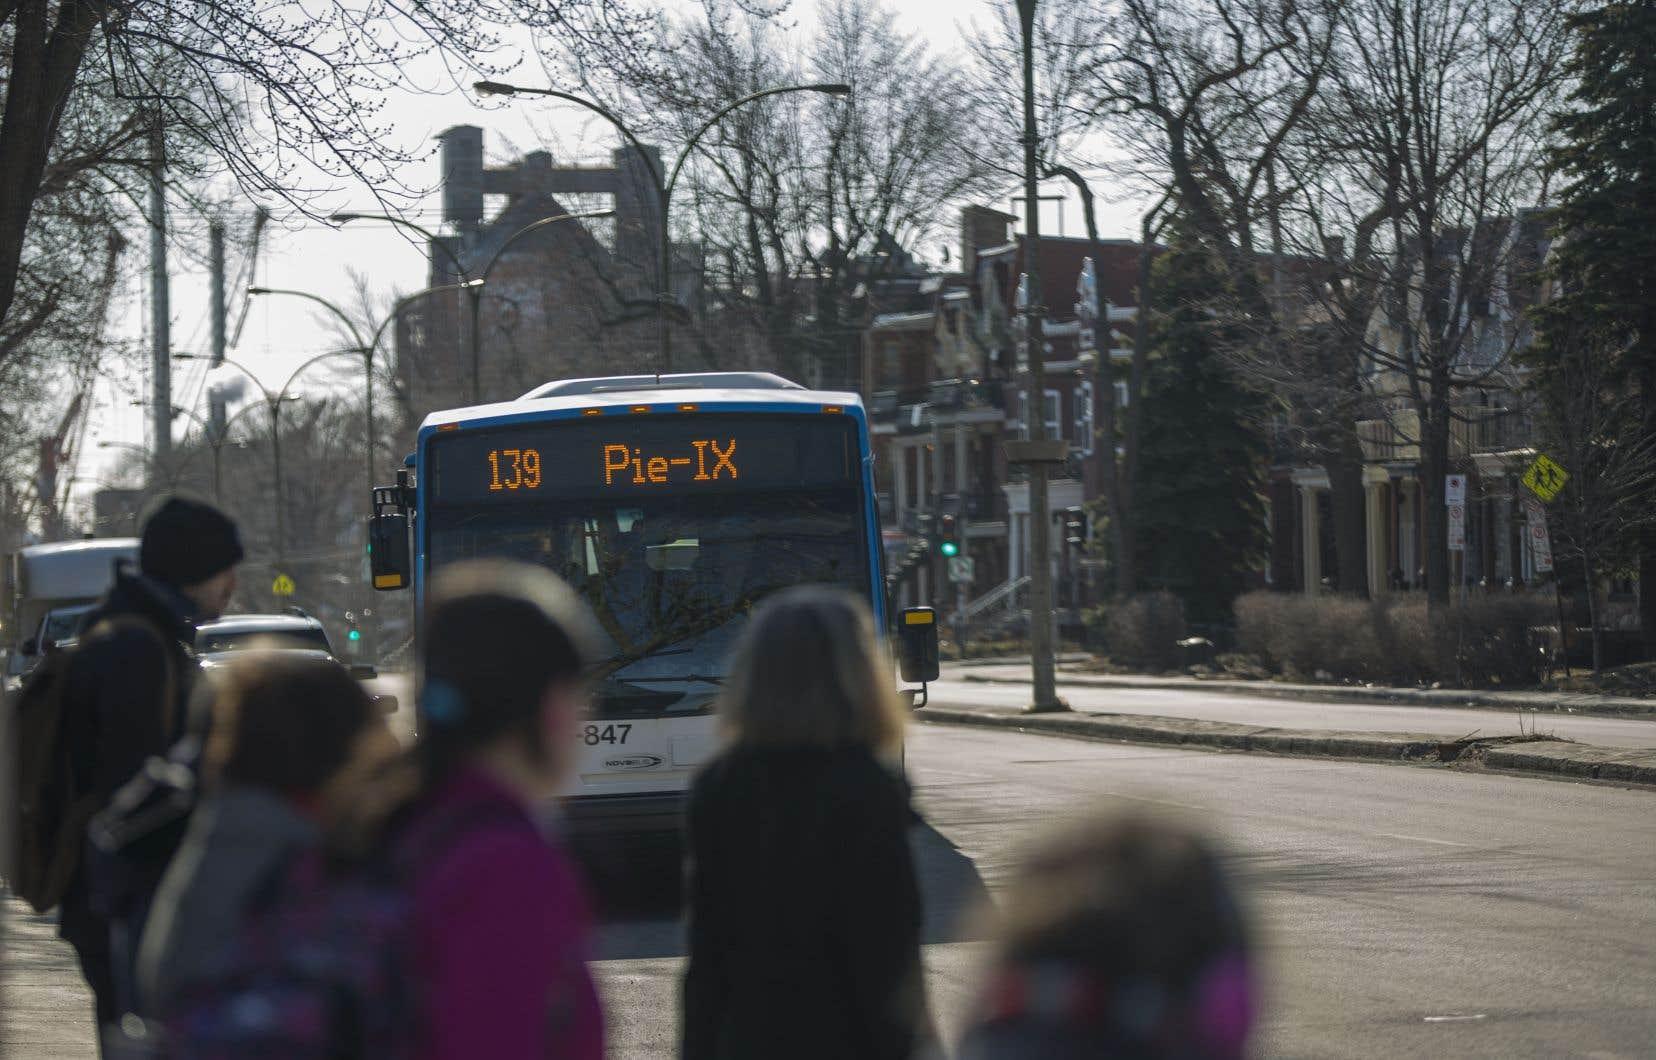 Annoncé il y a dix ans, le projet de SRB sur le boulevard Pie-IX a été reporté à quatre reprises.